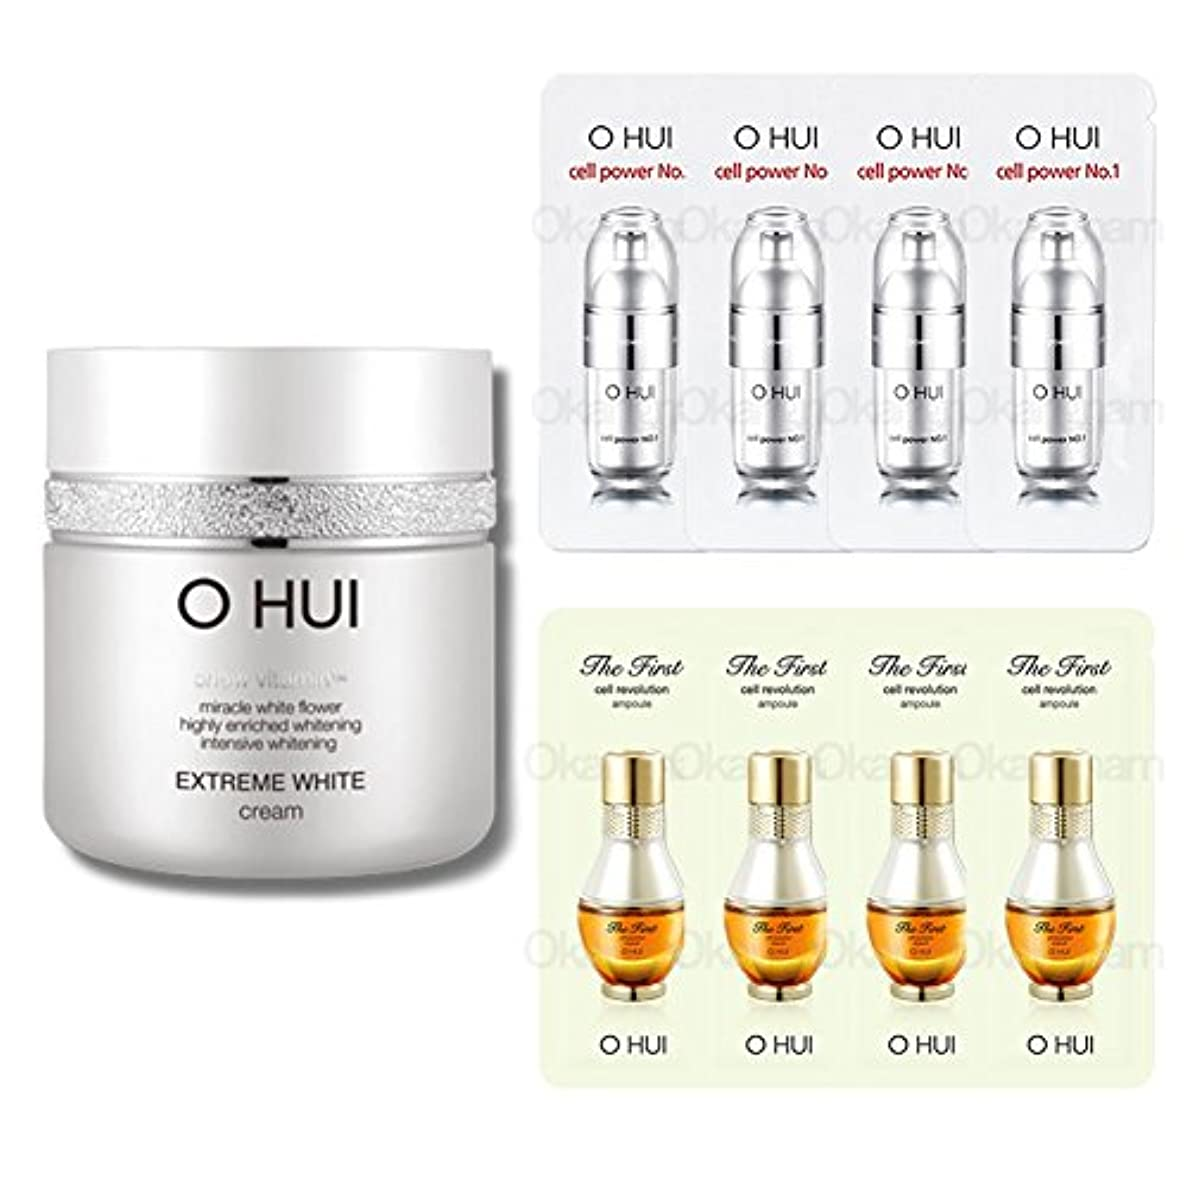 価値体系的に生き物[オフィ/ O HUI]韓国化粧品 LG生活健康/ OHUI OEW04 EXTREME WHITE CREAM/オフィ エクストリーム ホワイトクリーム 50ml +[Sample Gift](海外直送品)